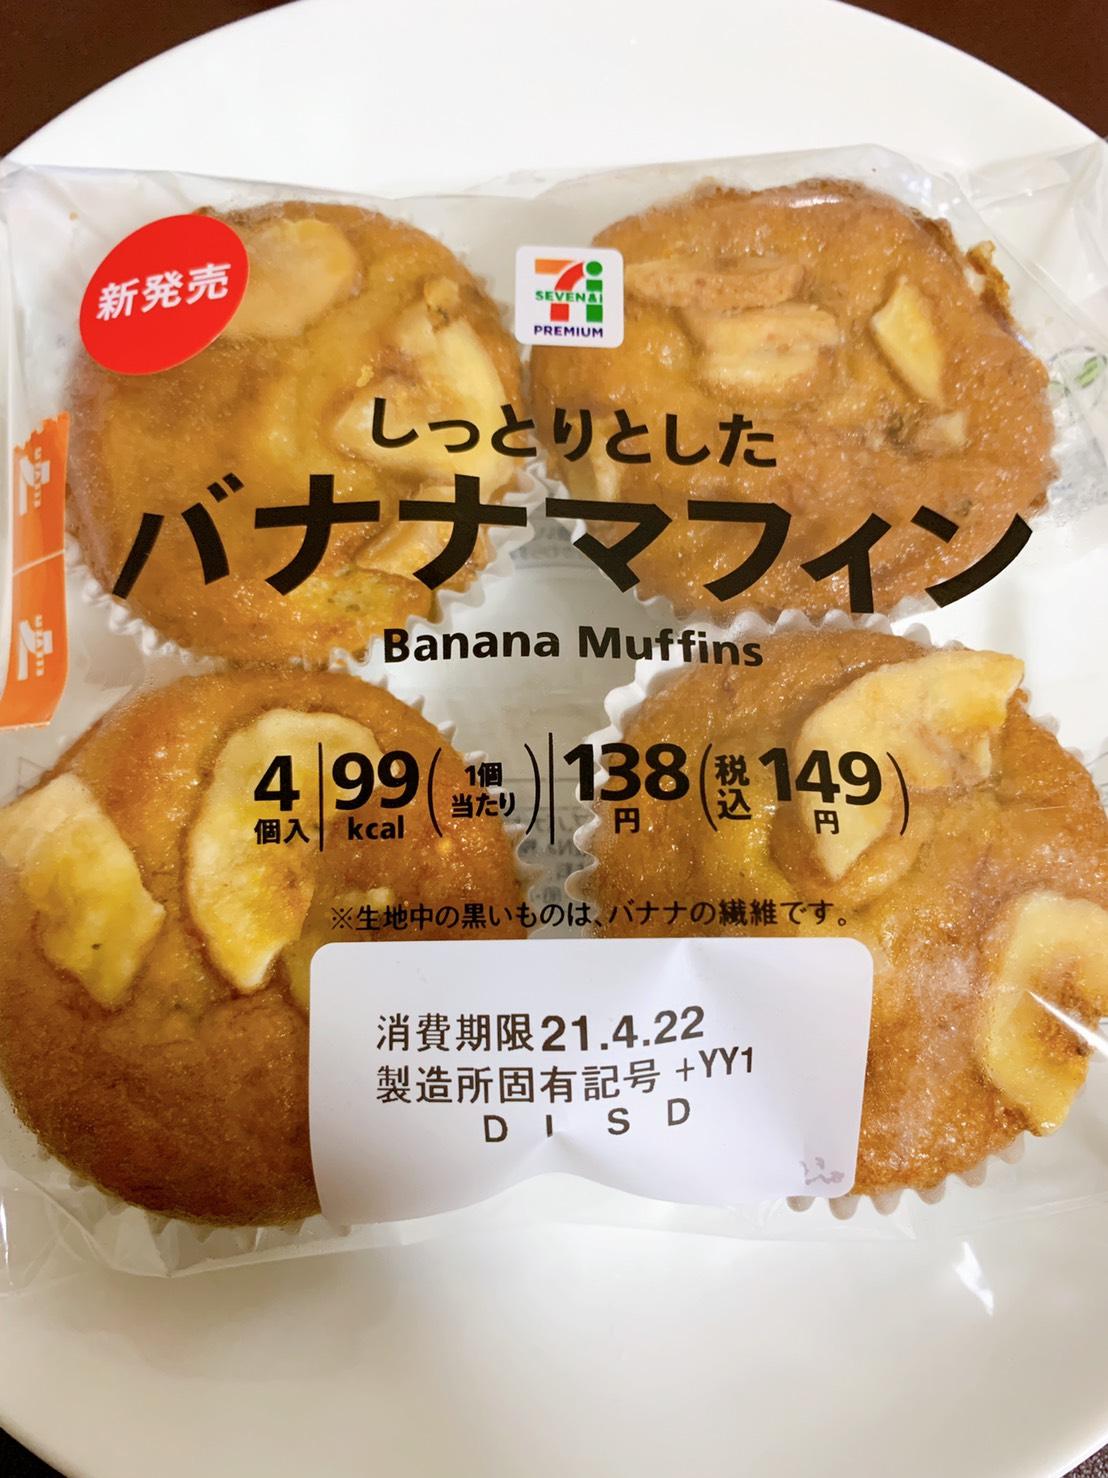 しっとりとしたバナナマフィン